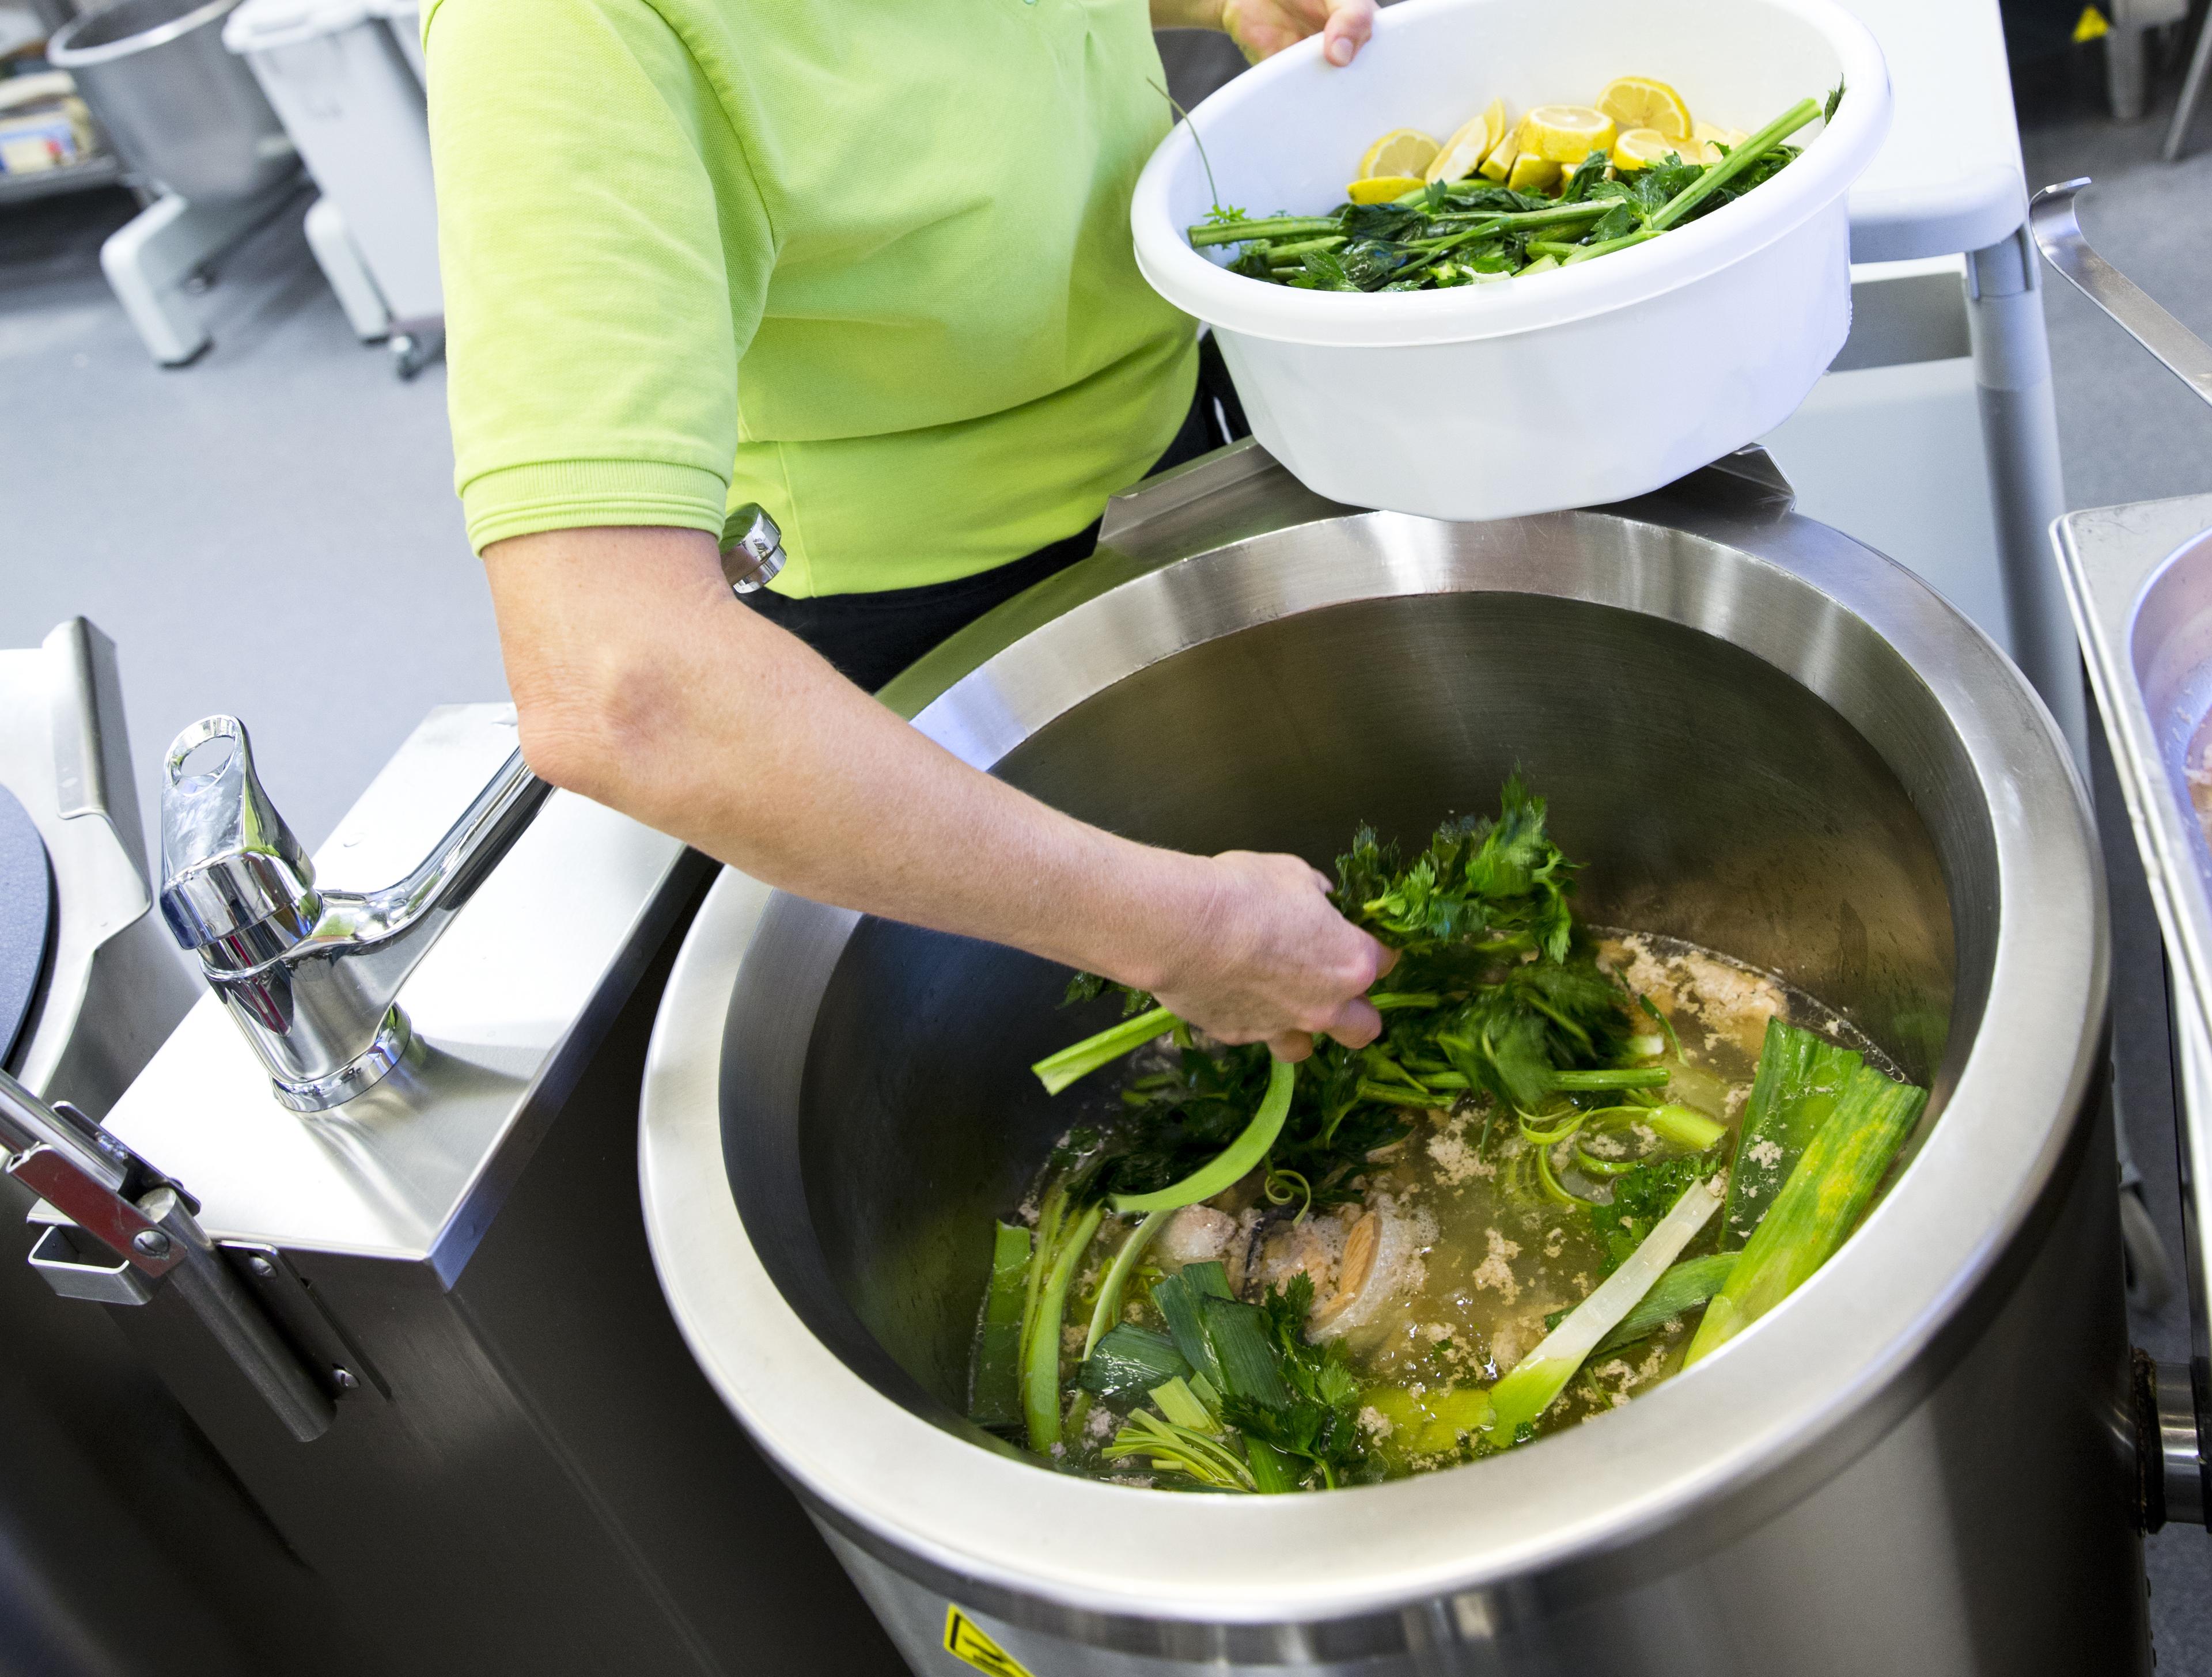 Økologiske varer giver adgang til det eftertragtede Økologiske Spisemærke i mange professionelle køkkener. Foto: Økologisk Landsforening